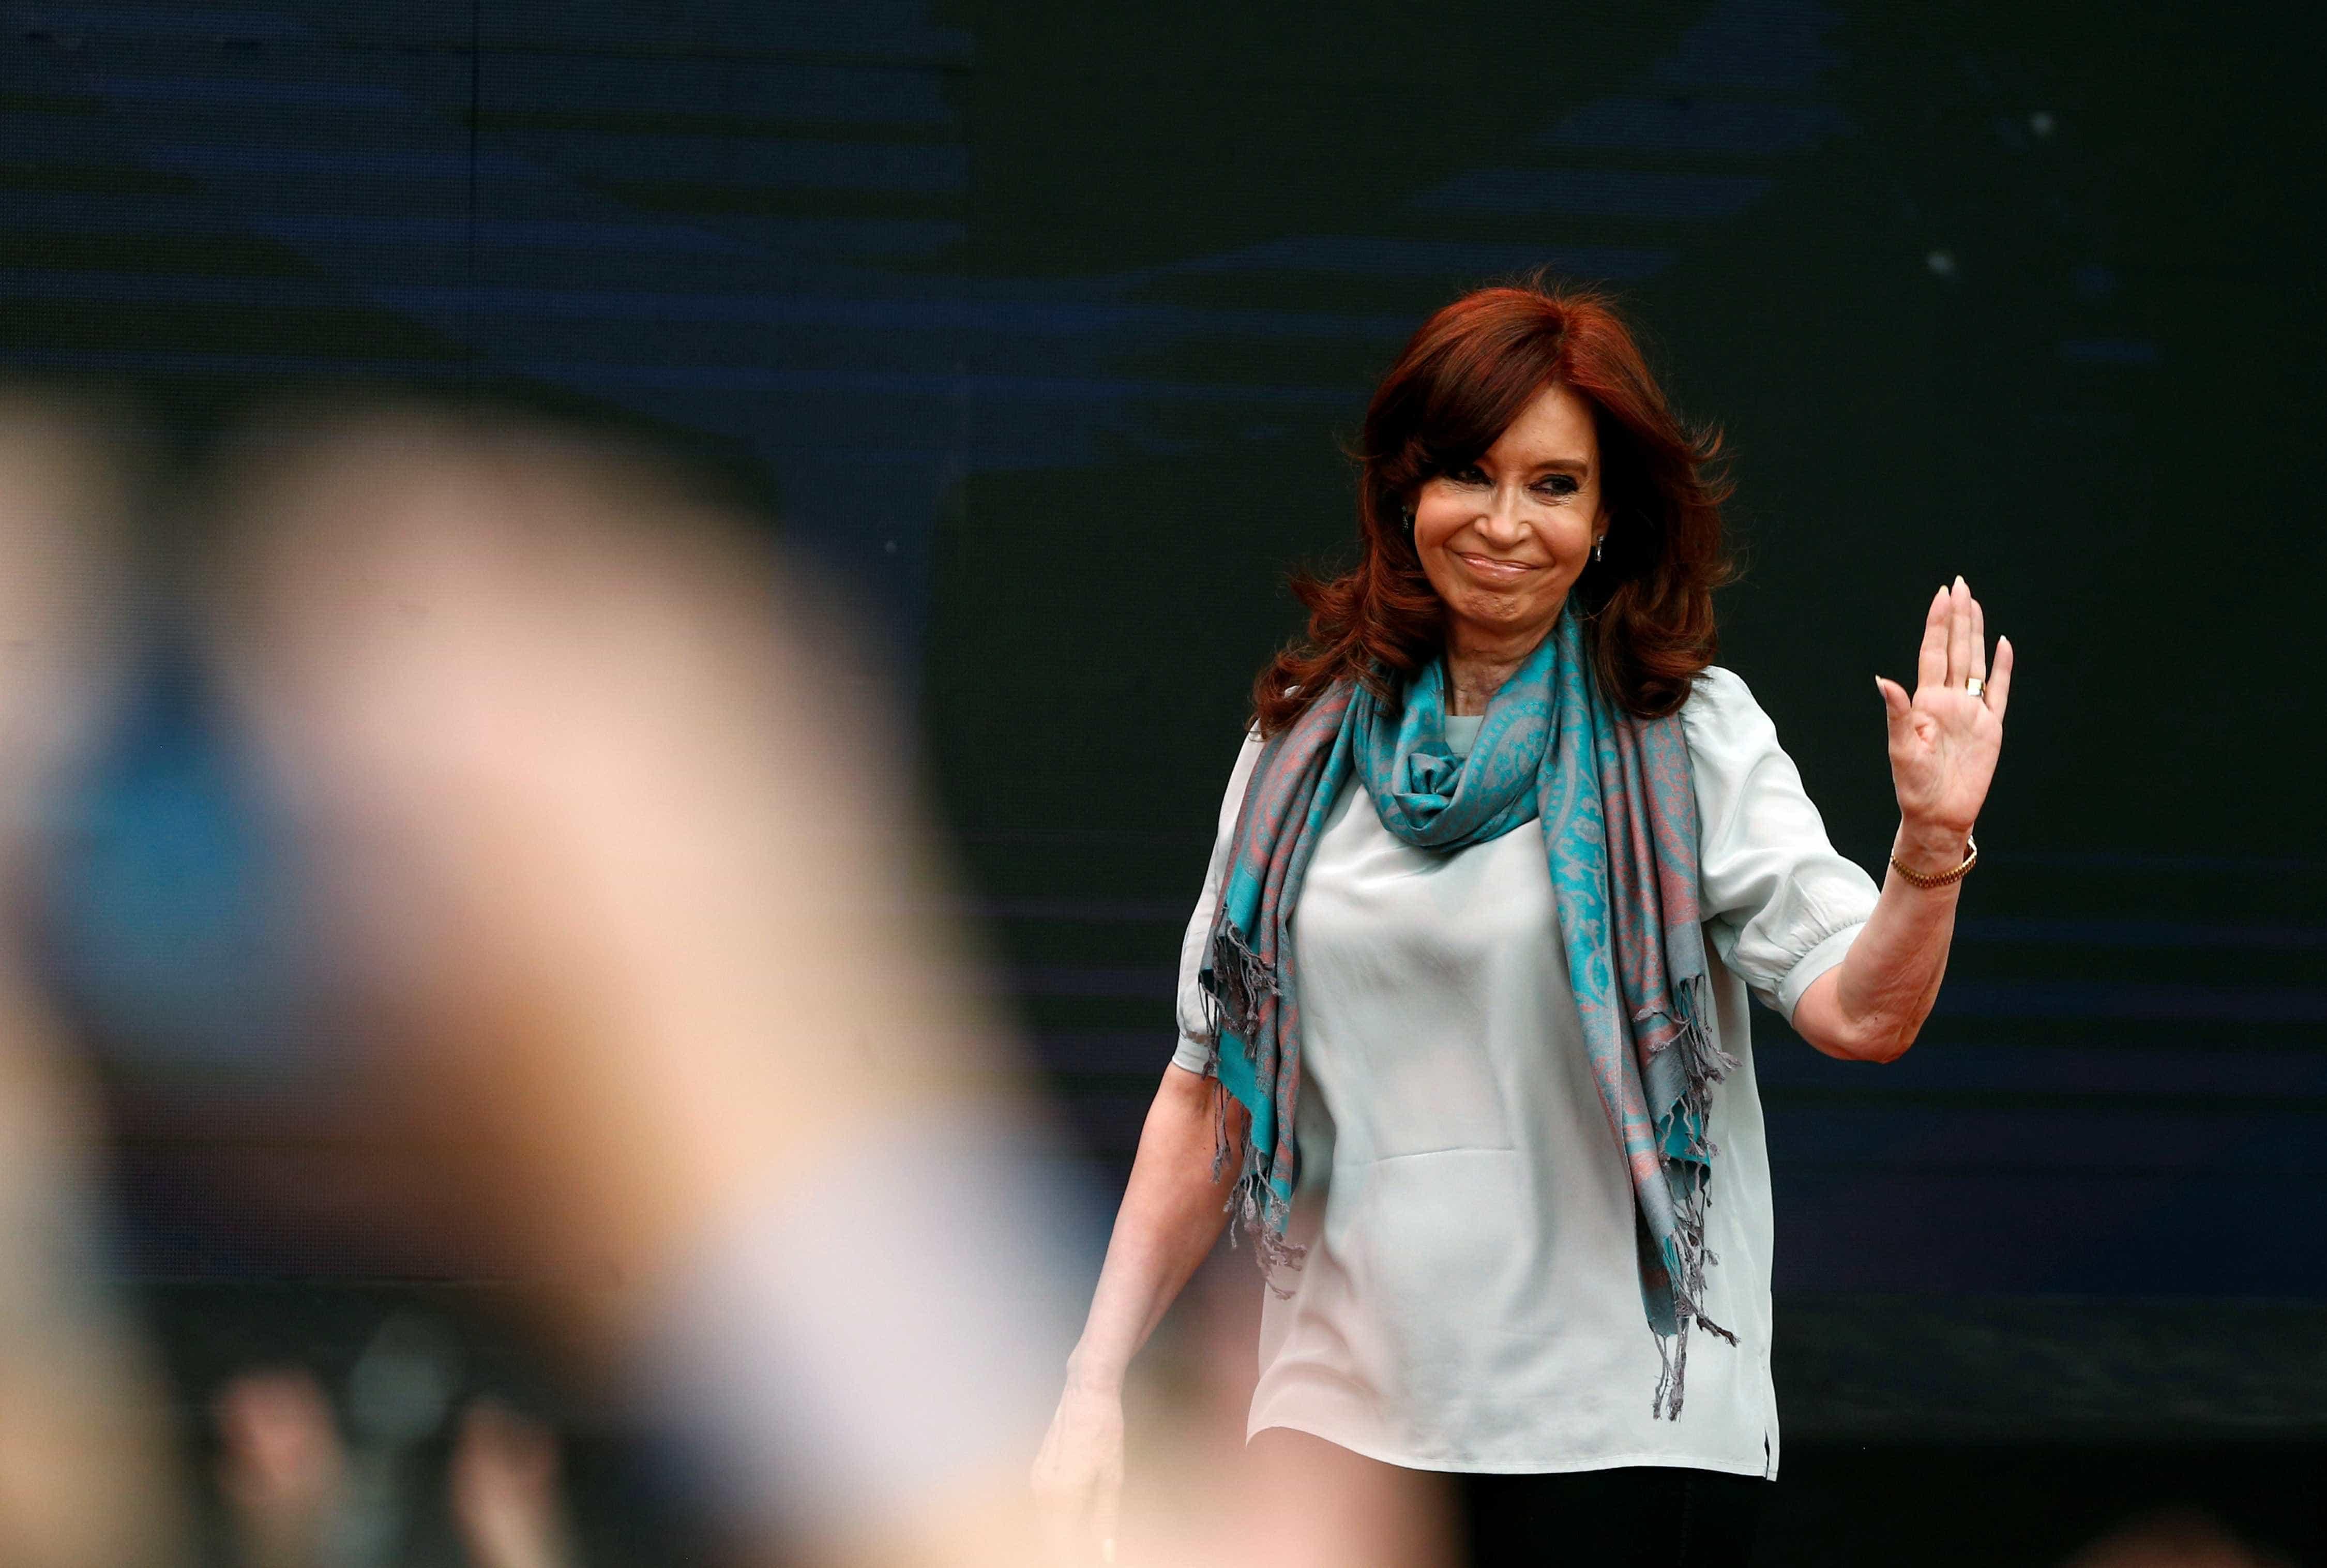 Justiça nega pedido de Cristina Kirchner para adiar processo